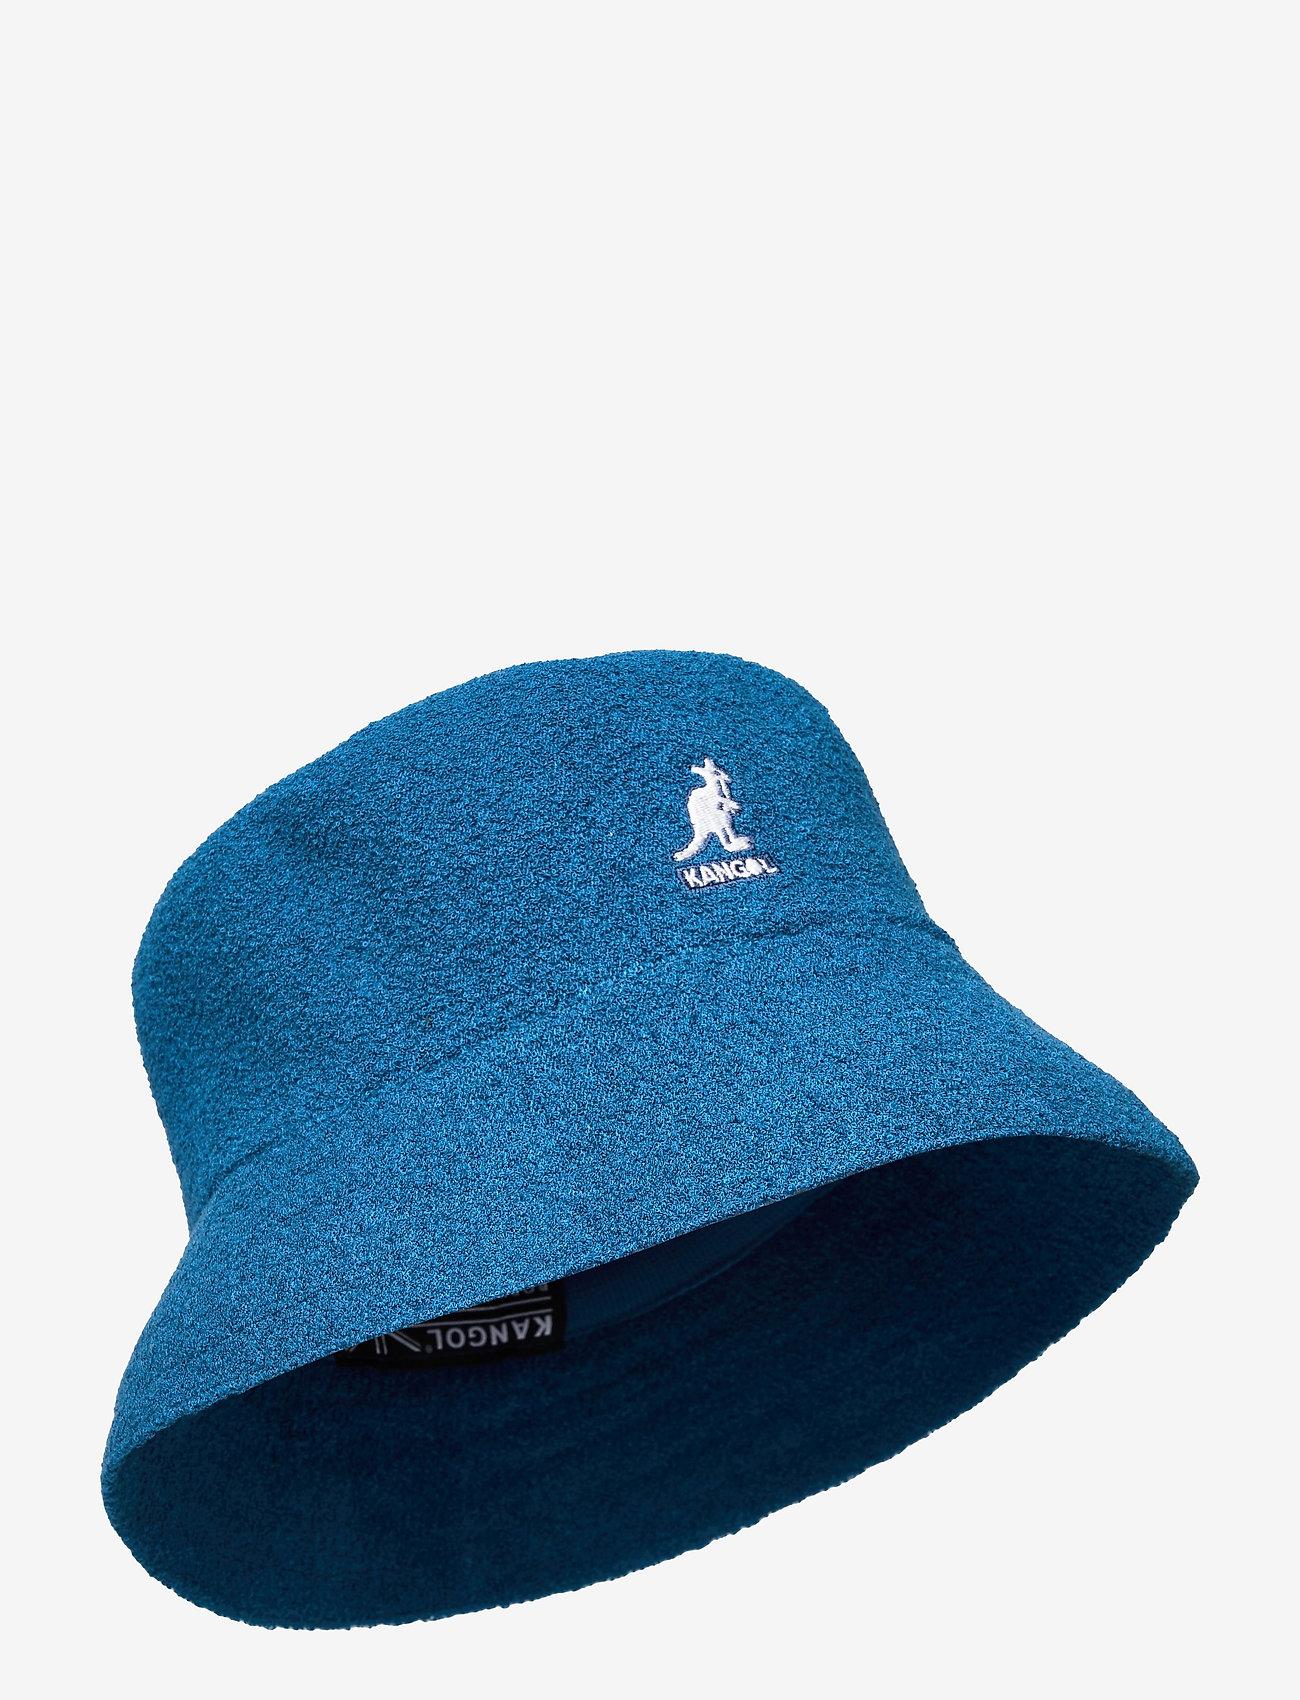 Kangol - KG BERMUDA BUCKET - bucket hats - mykonos blue - 0